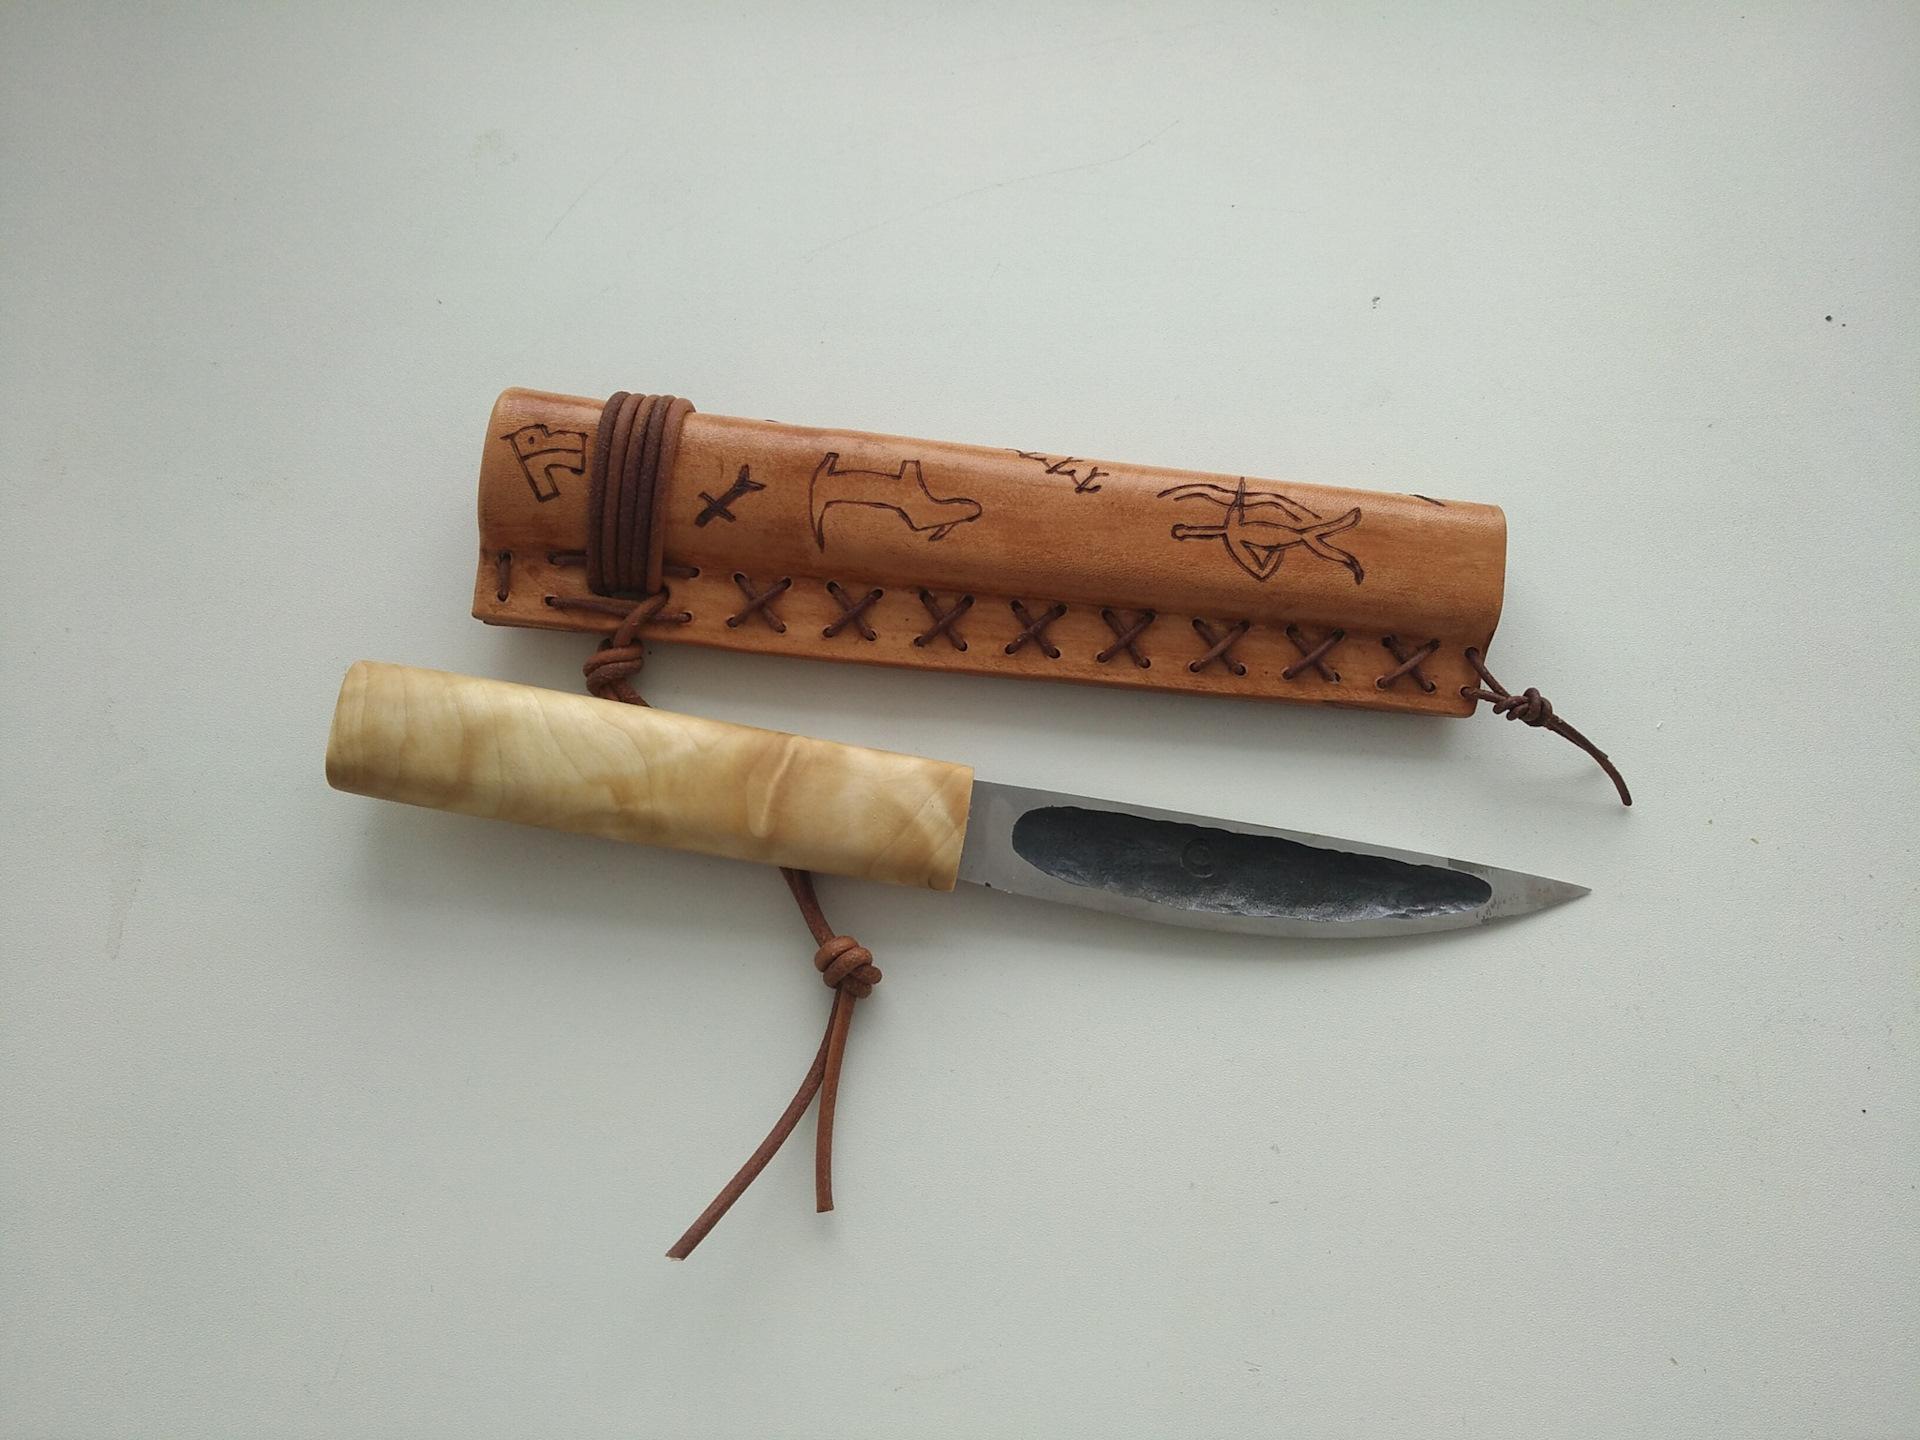 Ножны для ножа своими руками из кожи, дерева или пластика